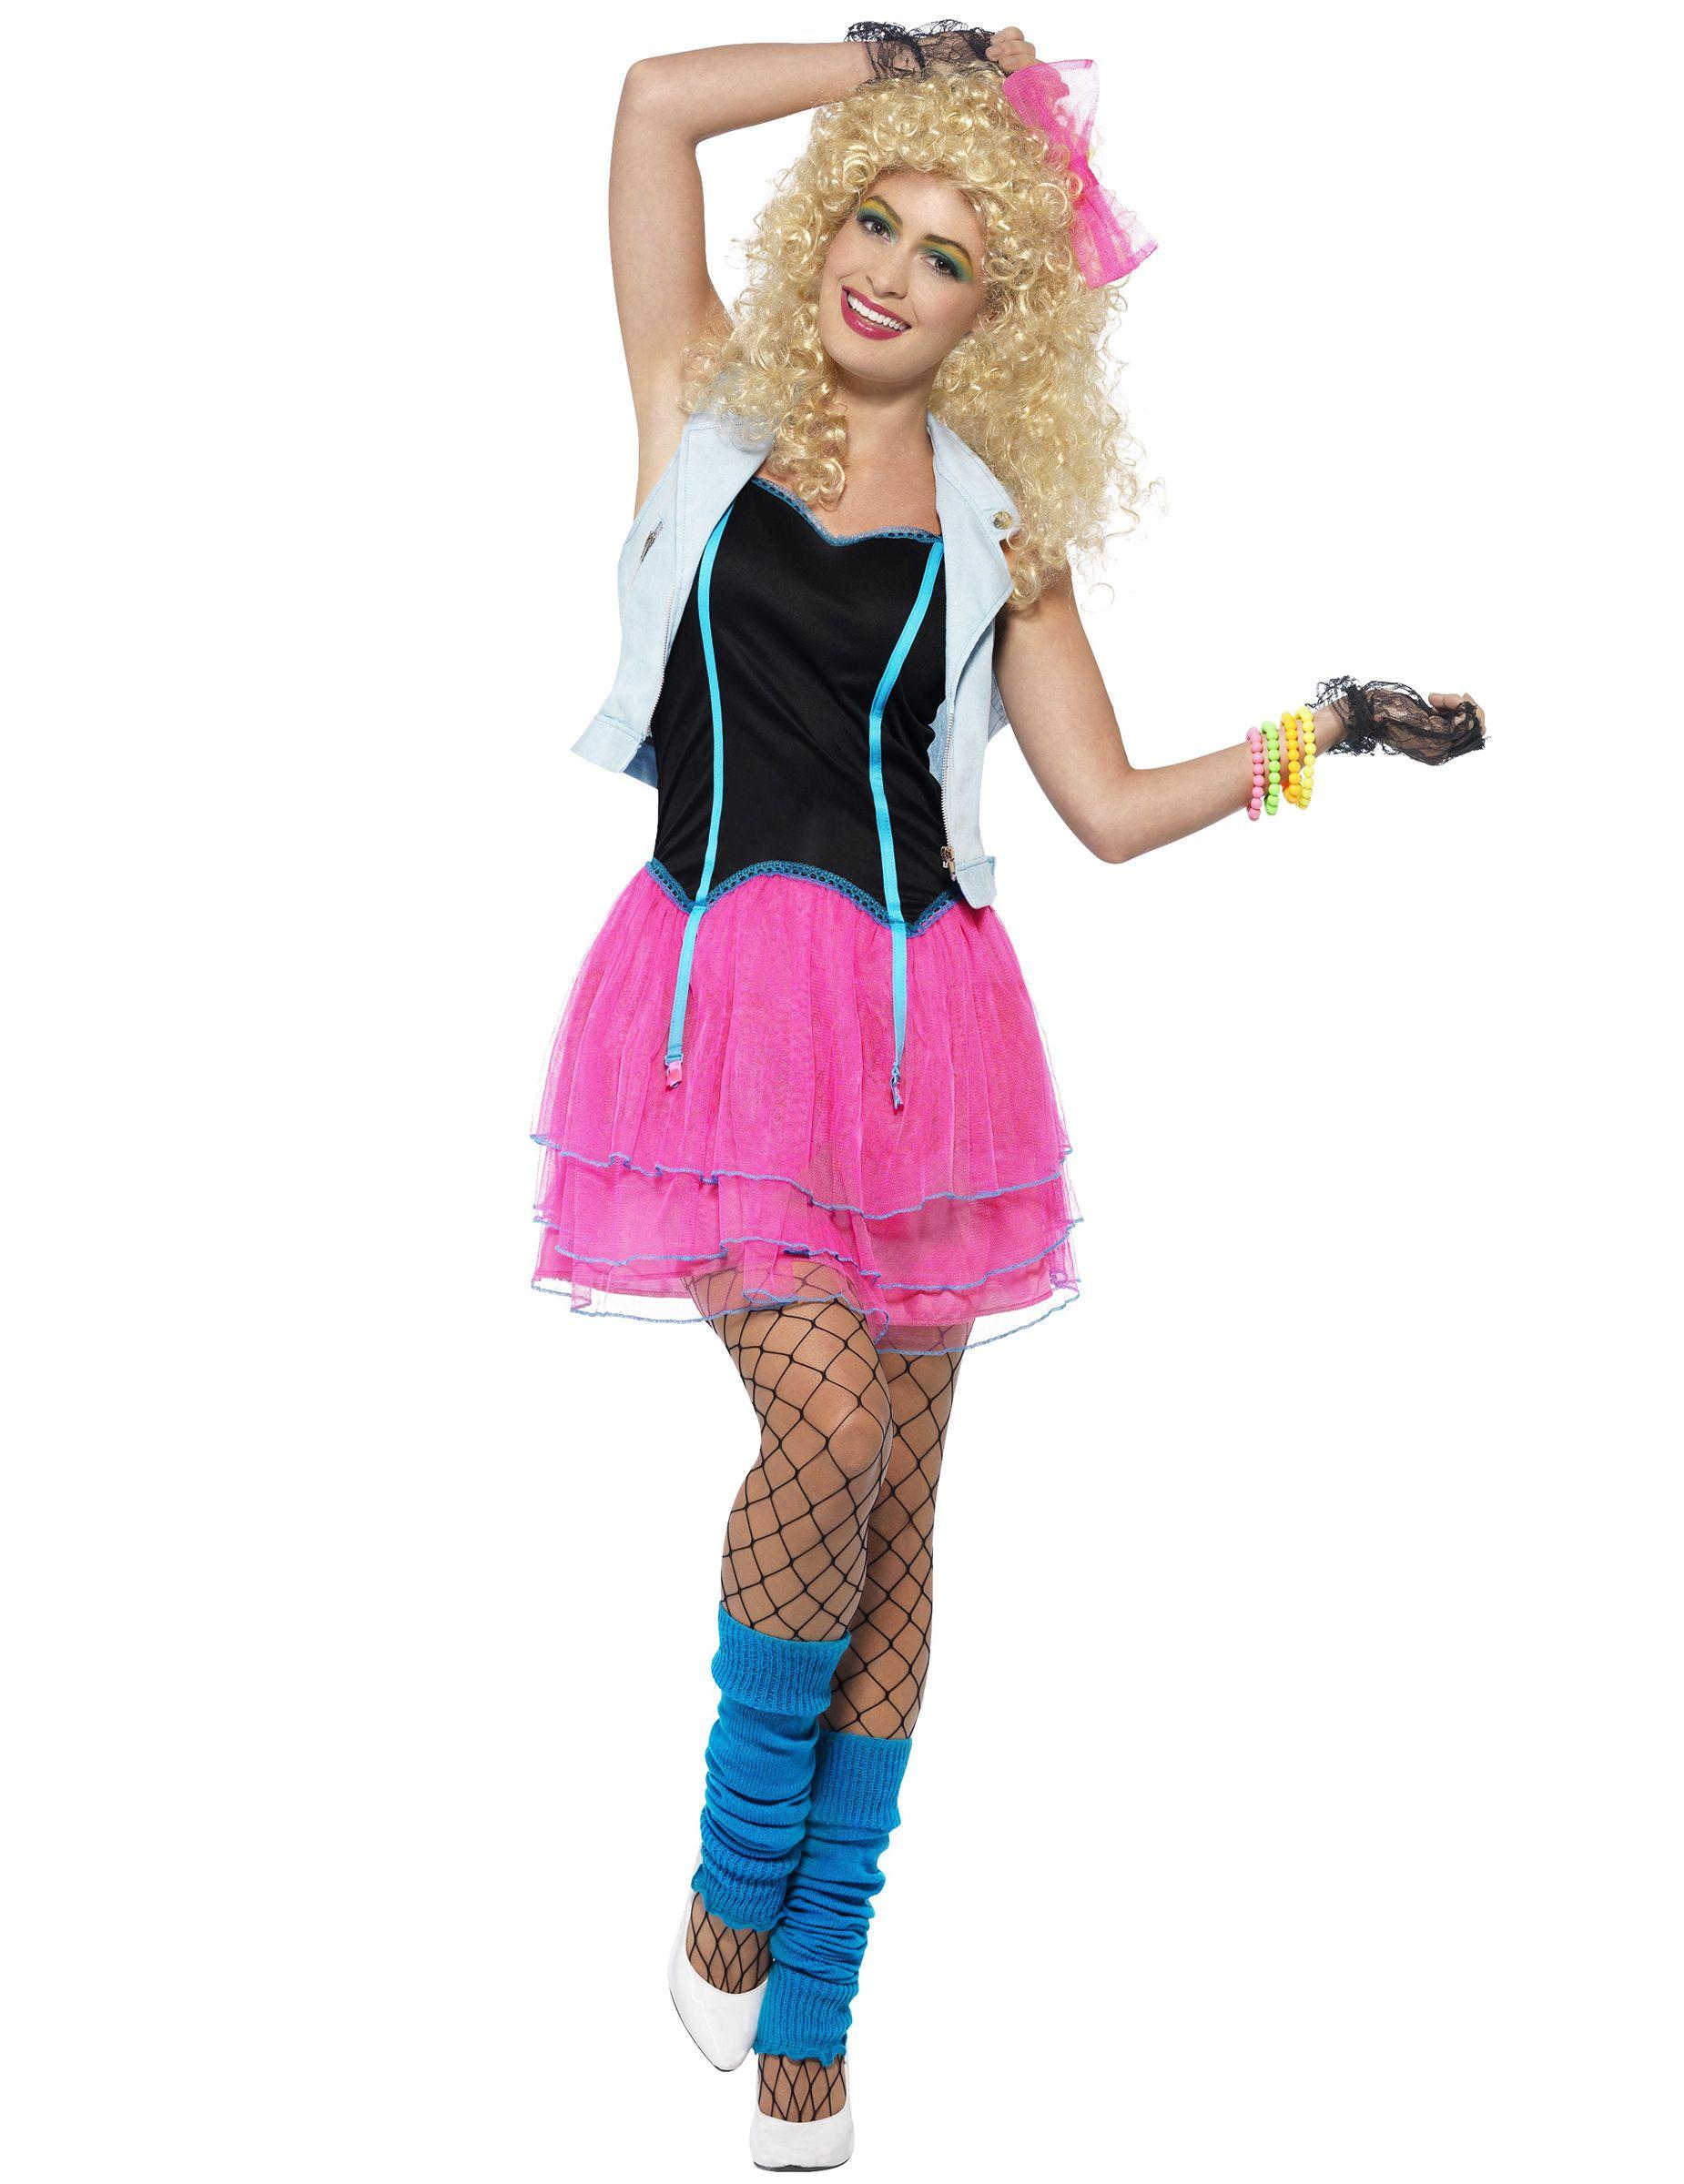 Disfraz rosa y negro años 80 mujer | Cantantes y Actores famosos ...